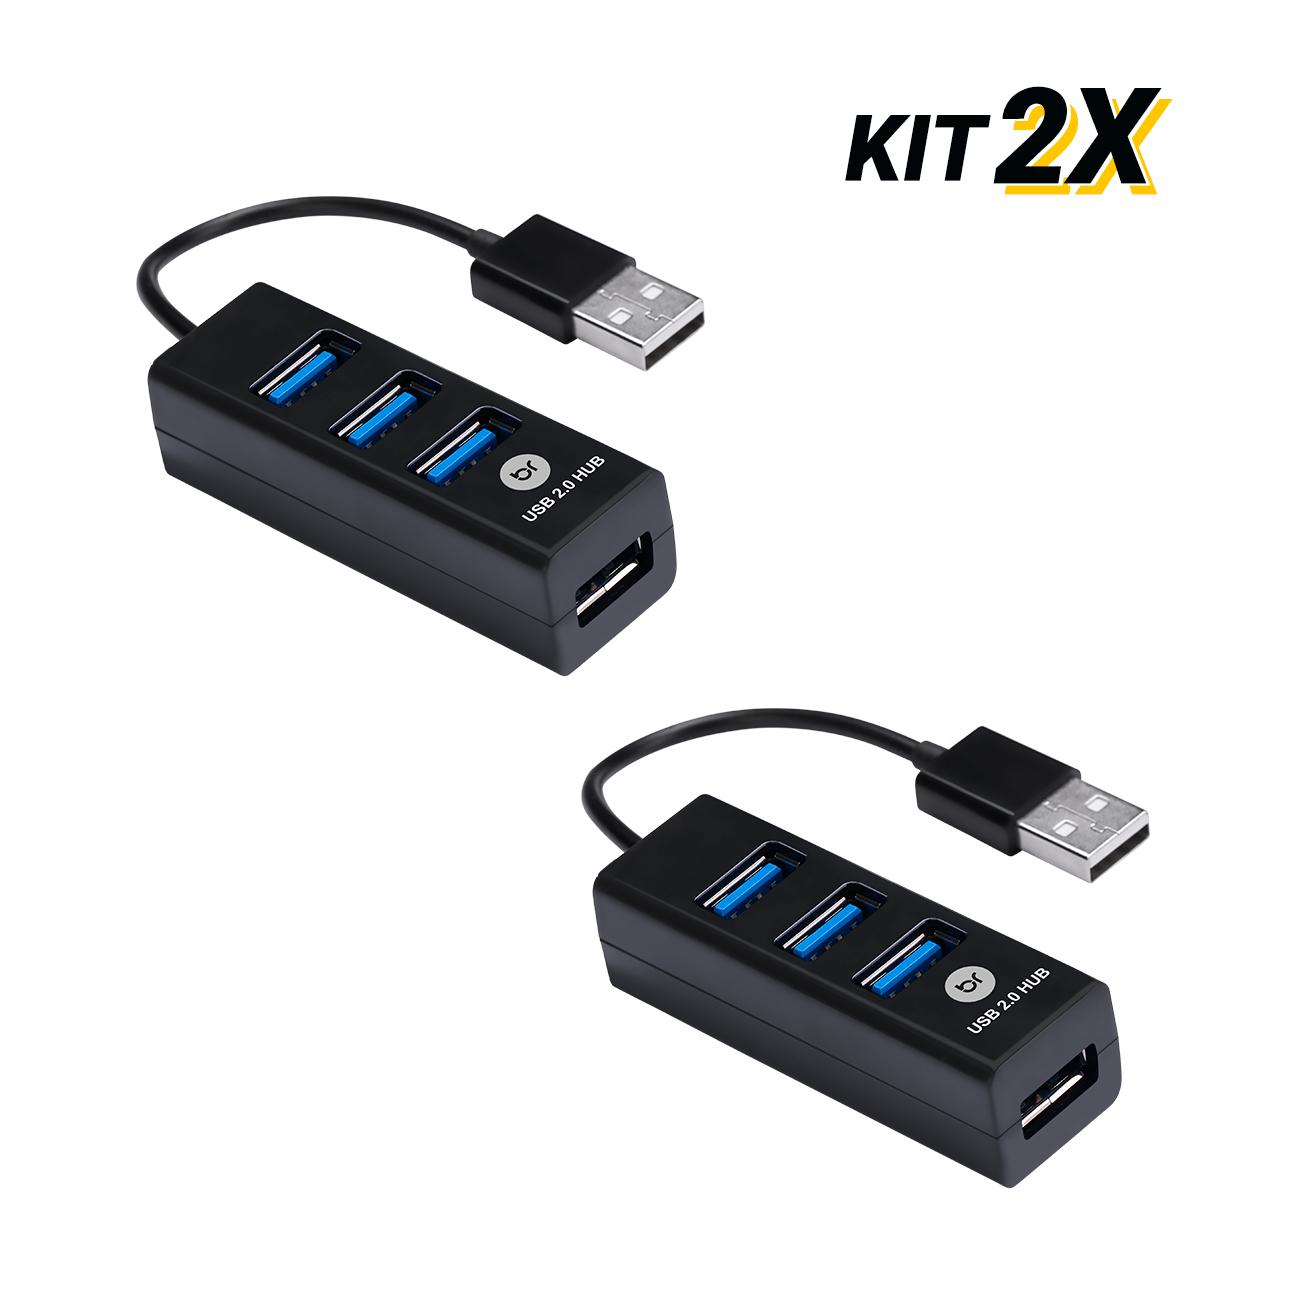 Kit 2 Mini Hubs USB Com 4 Portas 2.0 Fast Carrega Celular  - BRIGHT